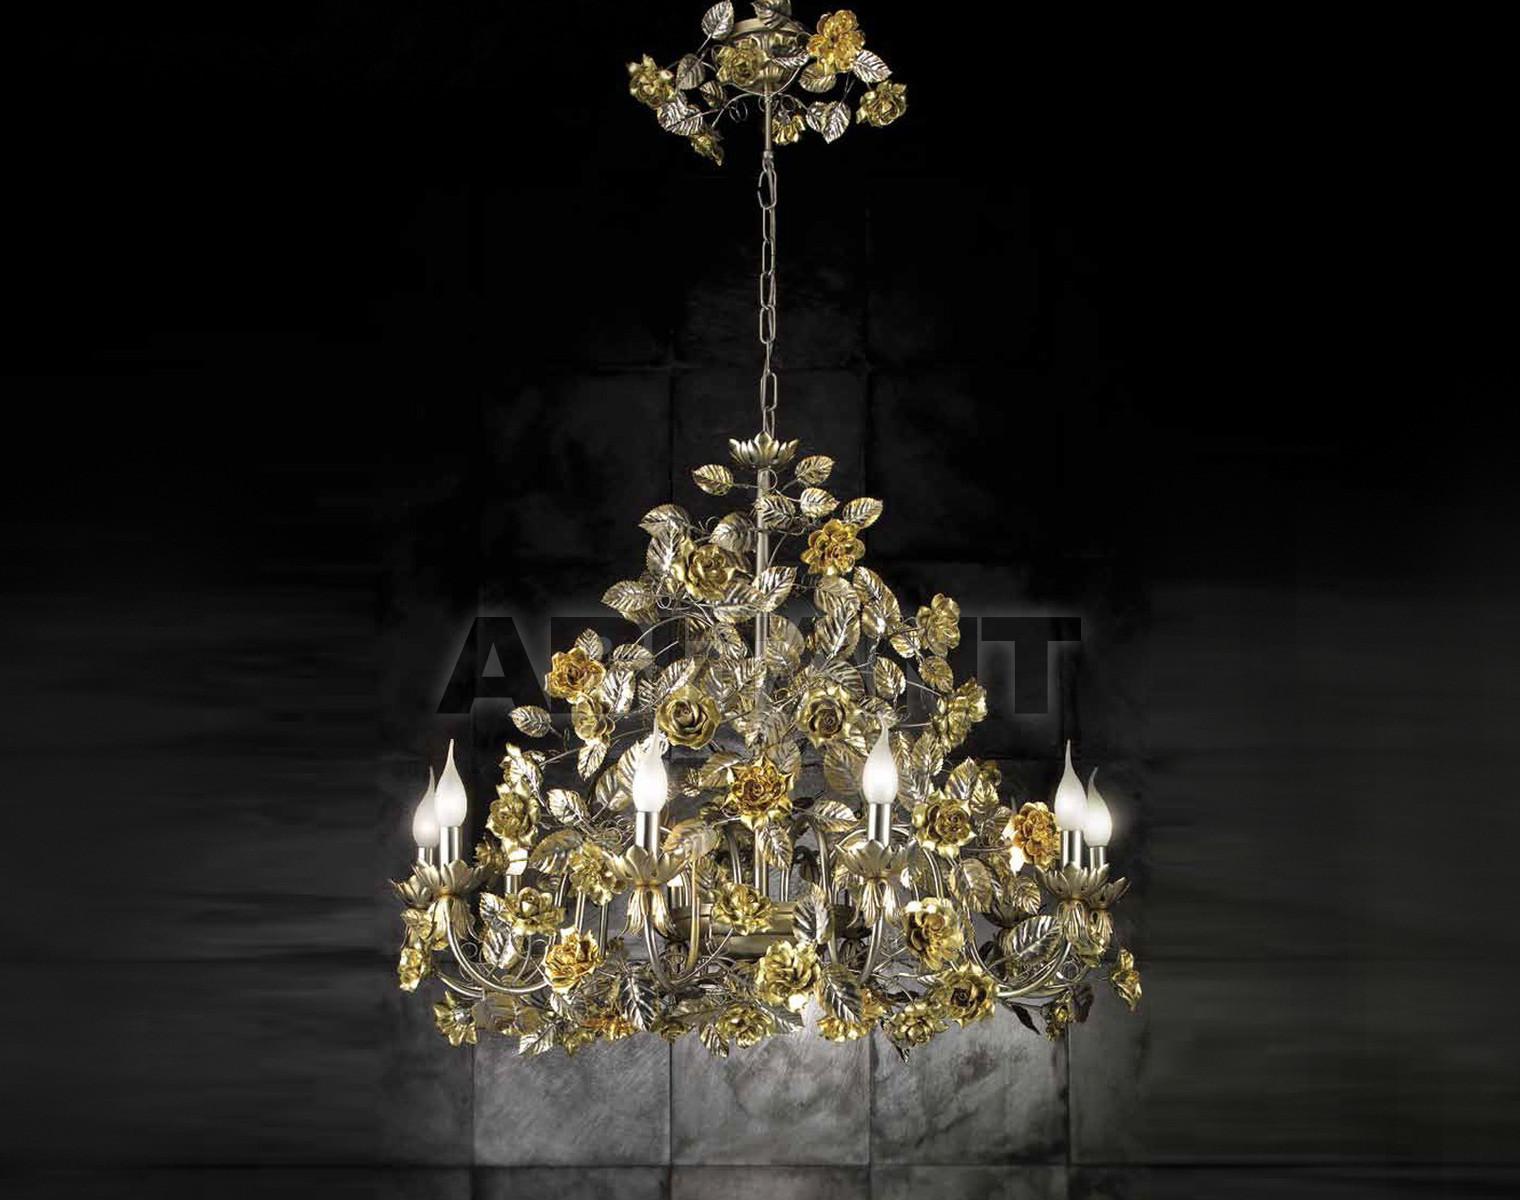 Купить Люстра Villari Home And Lights 4400409-914